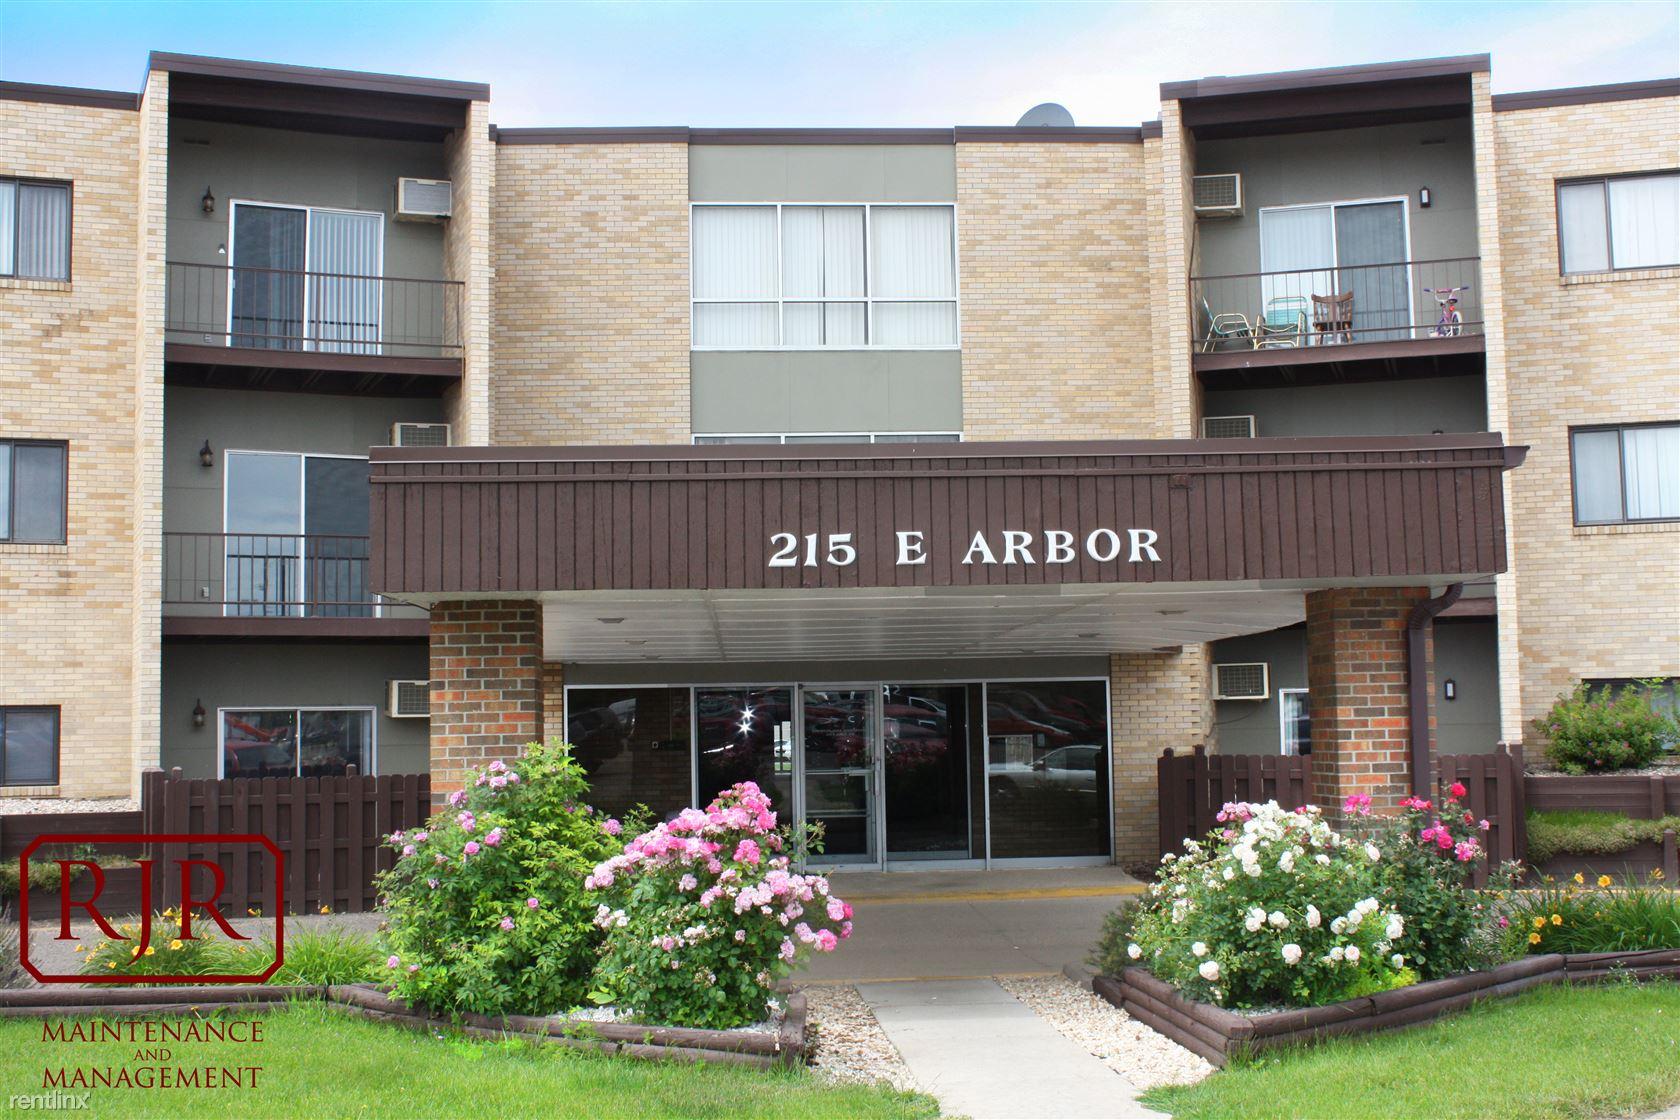 215 E Arbor Ave, Bismarck, ND - $750